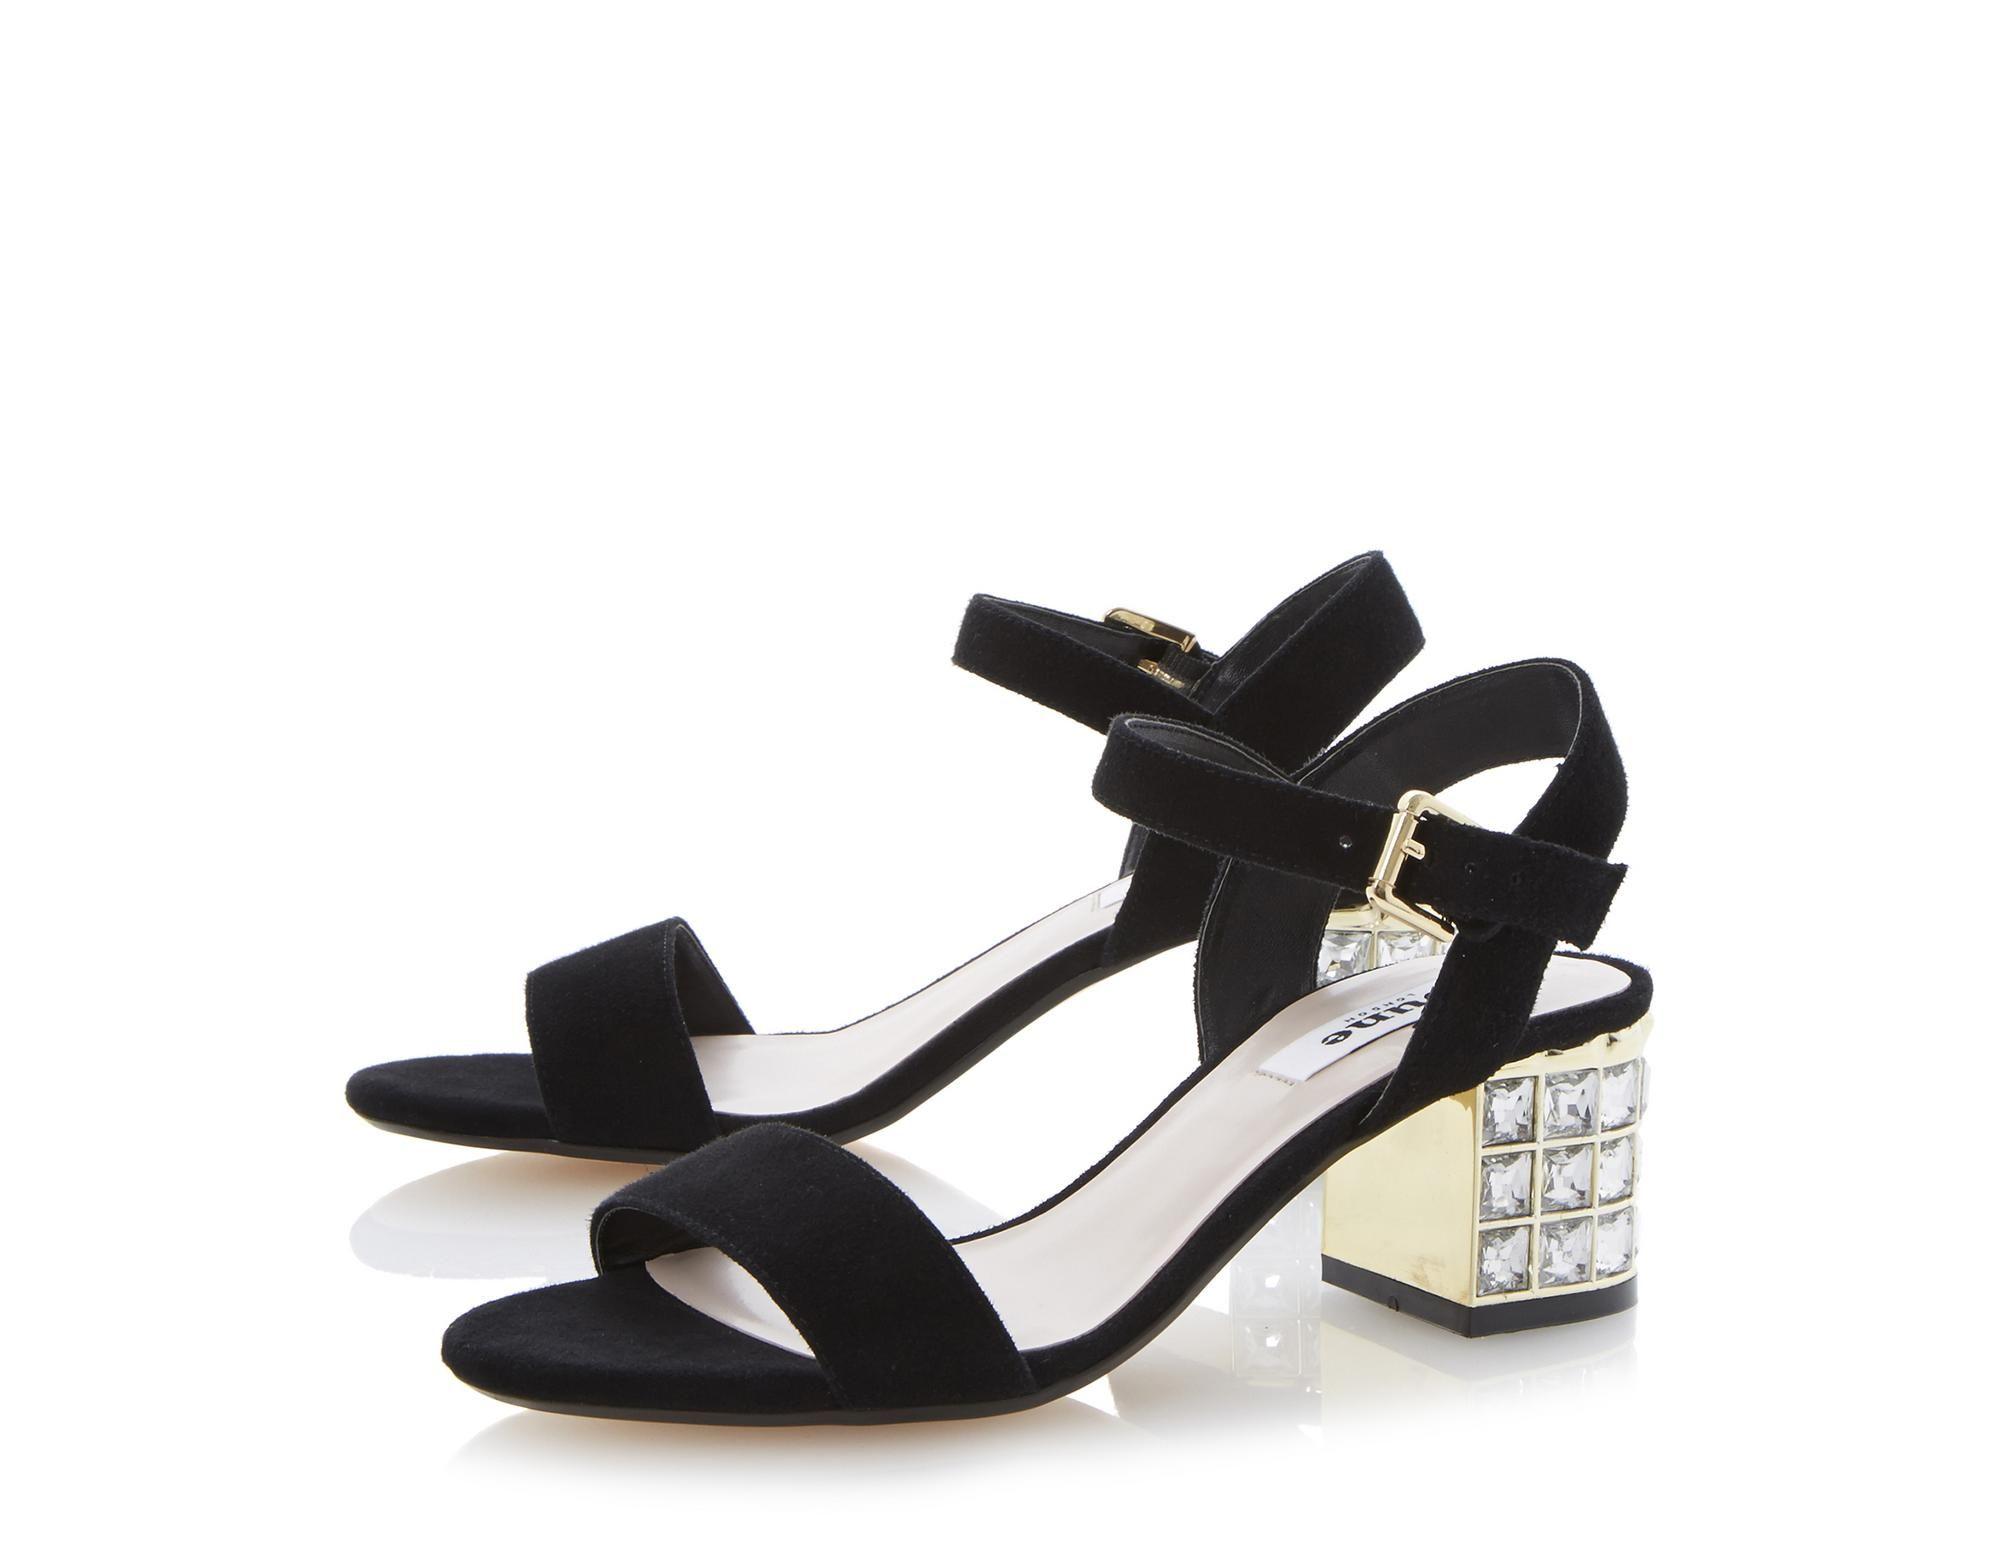 675ba6ac018 DUNE LADIES HARAH - Jewelled Block Heel Sandal - black suede